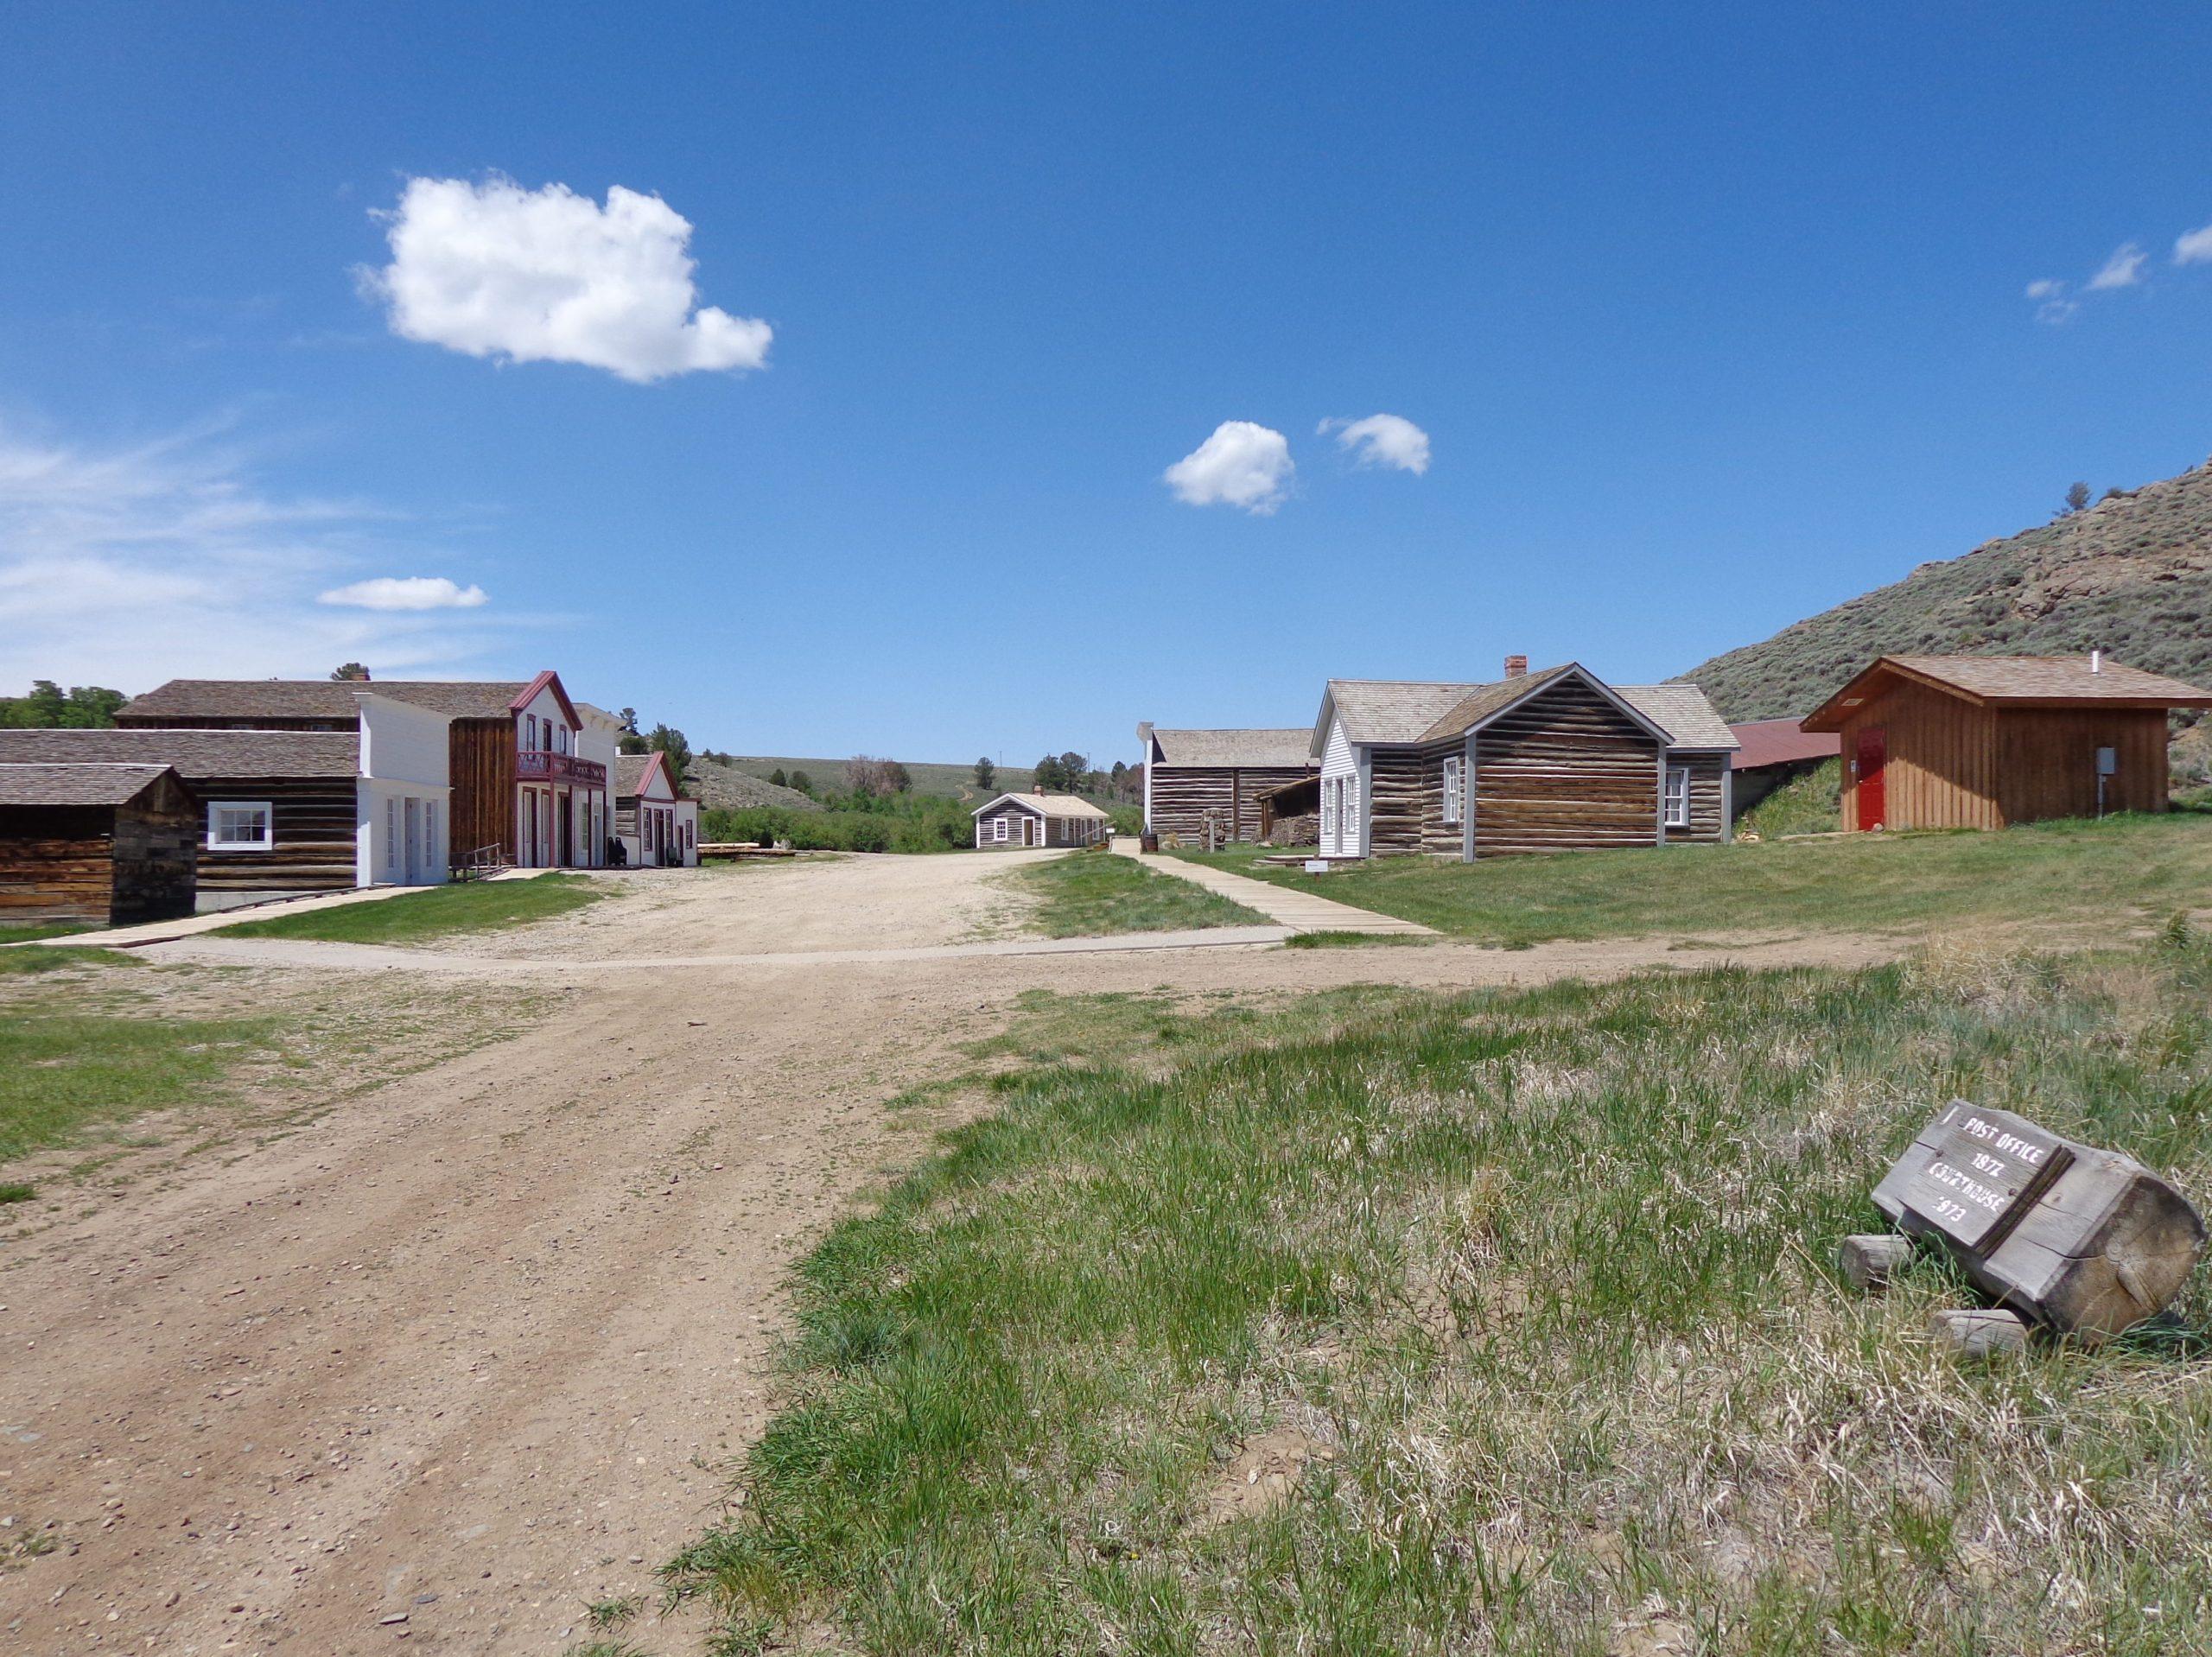 Het centrum van South Pass City